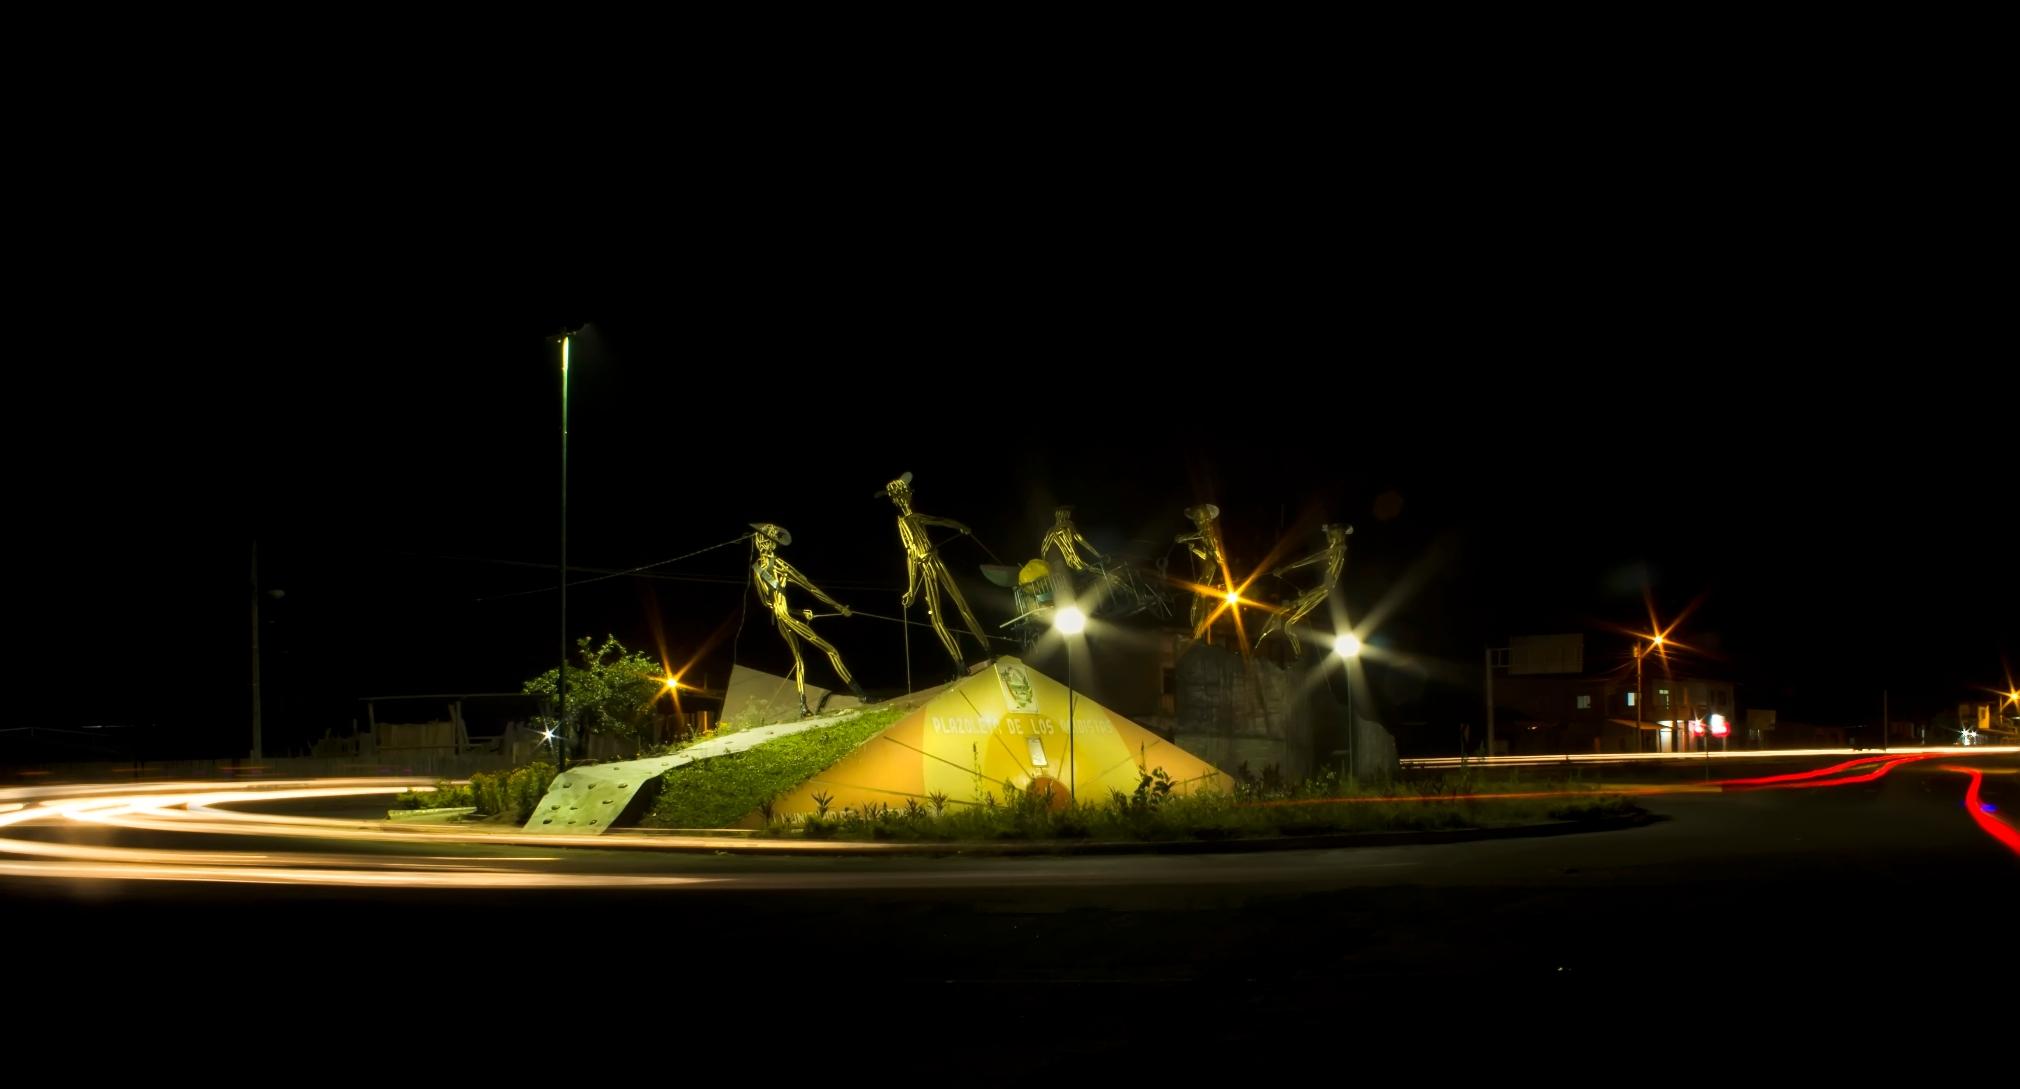 En la ciudad de Chone existe un monumento denominado Los Raidistas, obra que llama mucho la atención de quienes no conocen las historia que motivó su construcción.